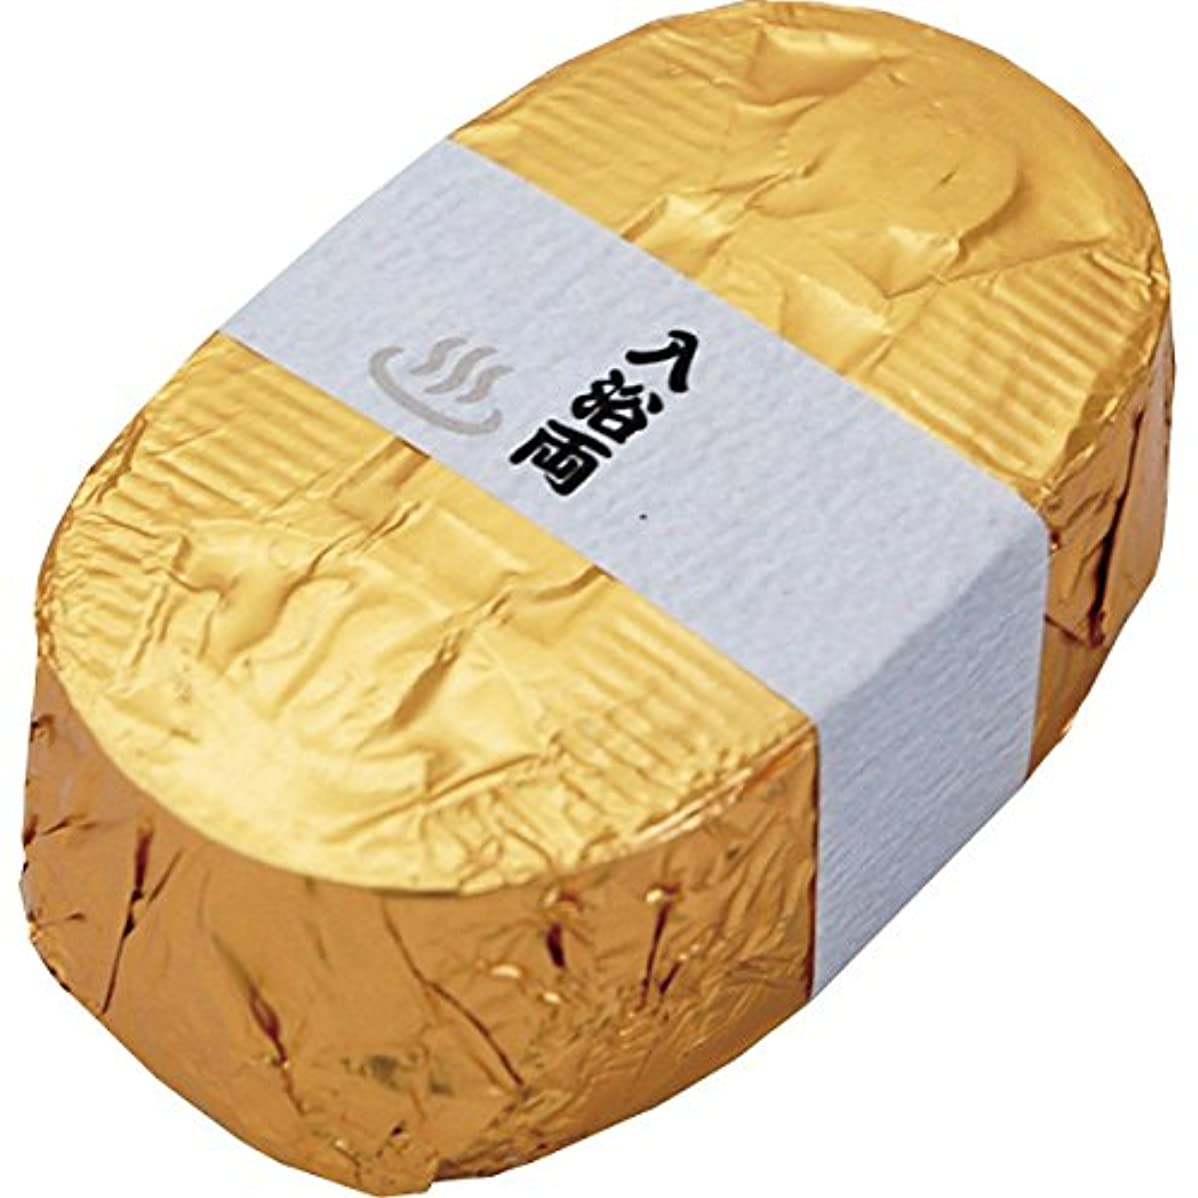 凍結ペースリスト五洲薬品(株) 小判型バスボム 入浴両 80g